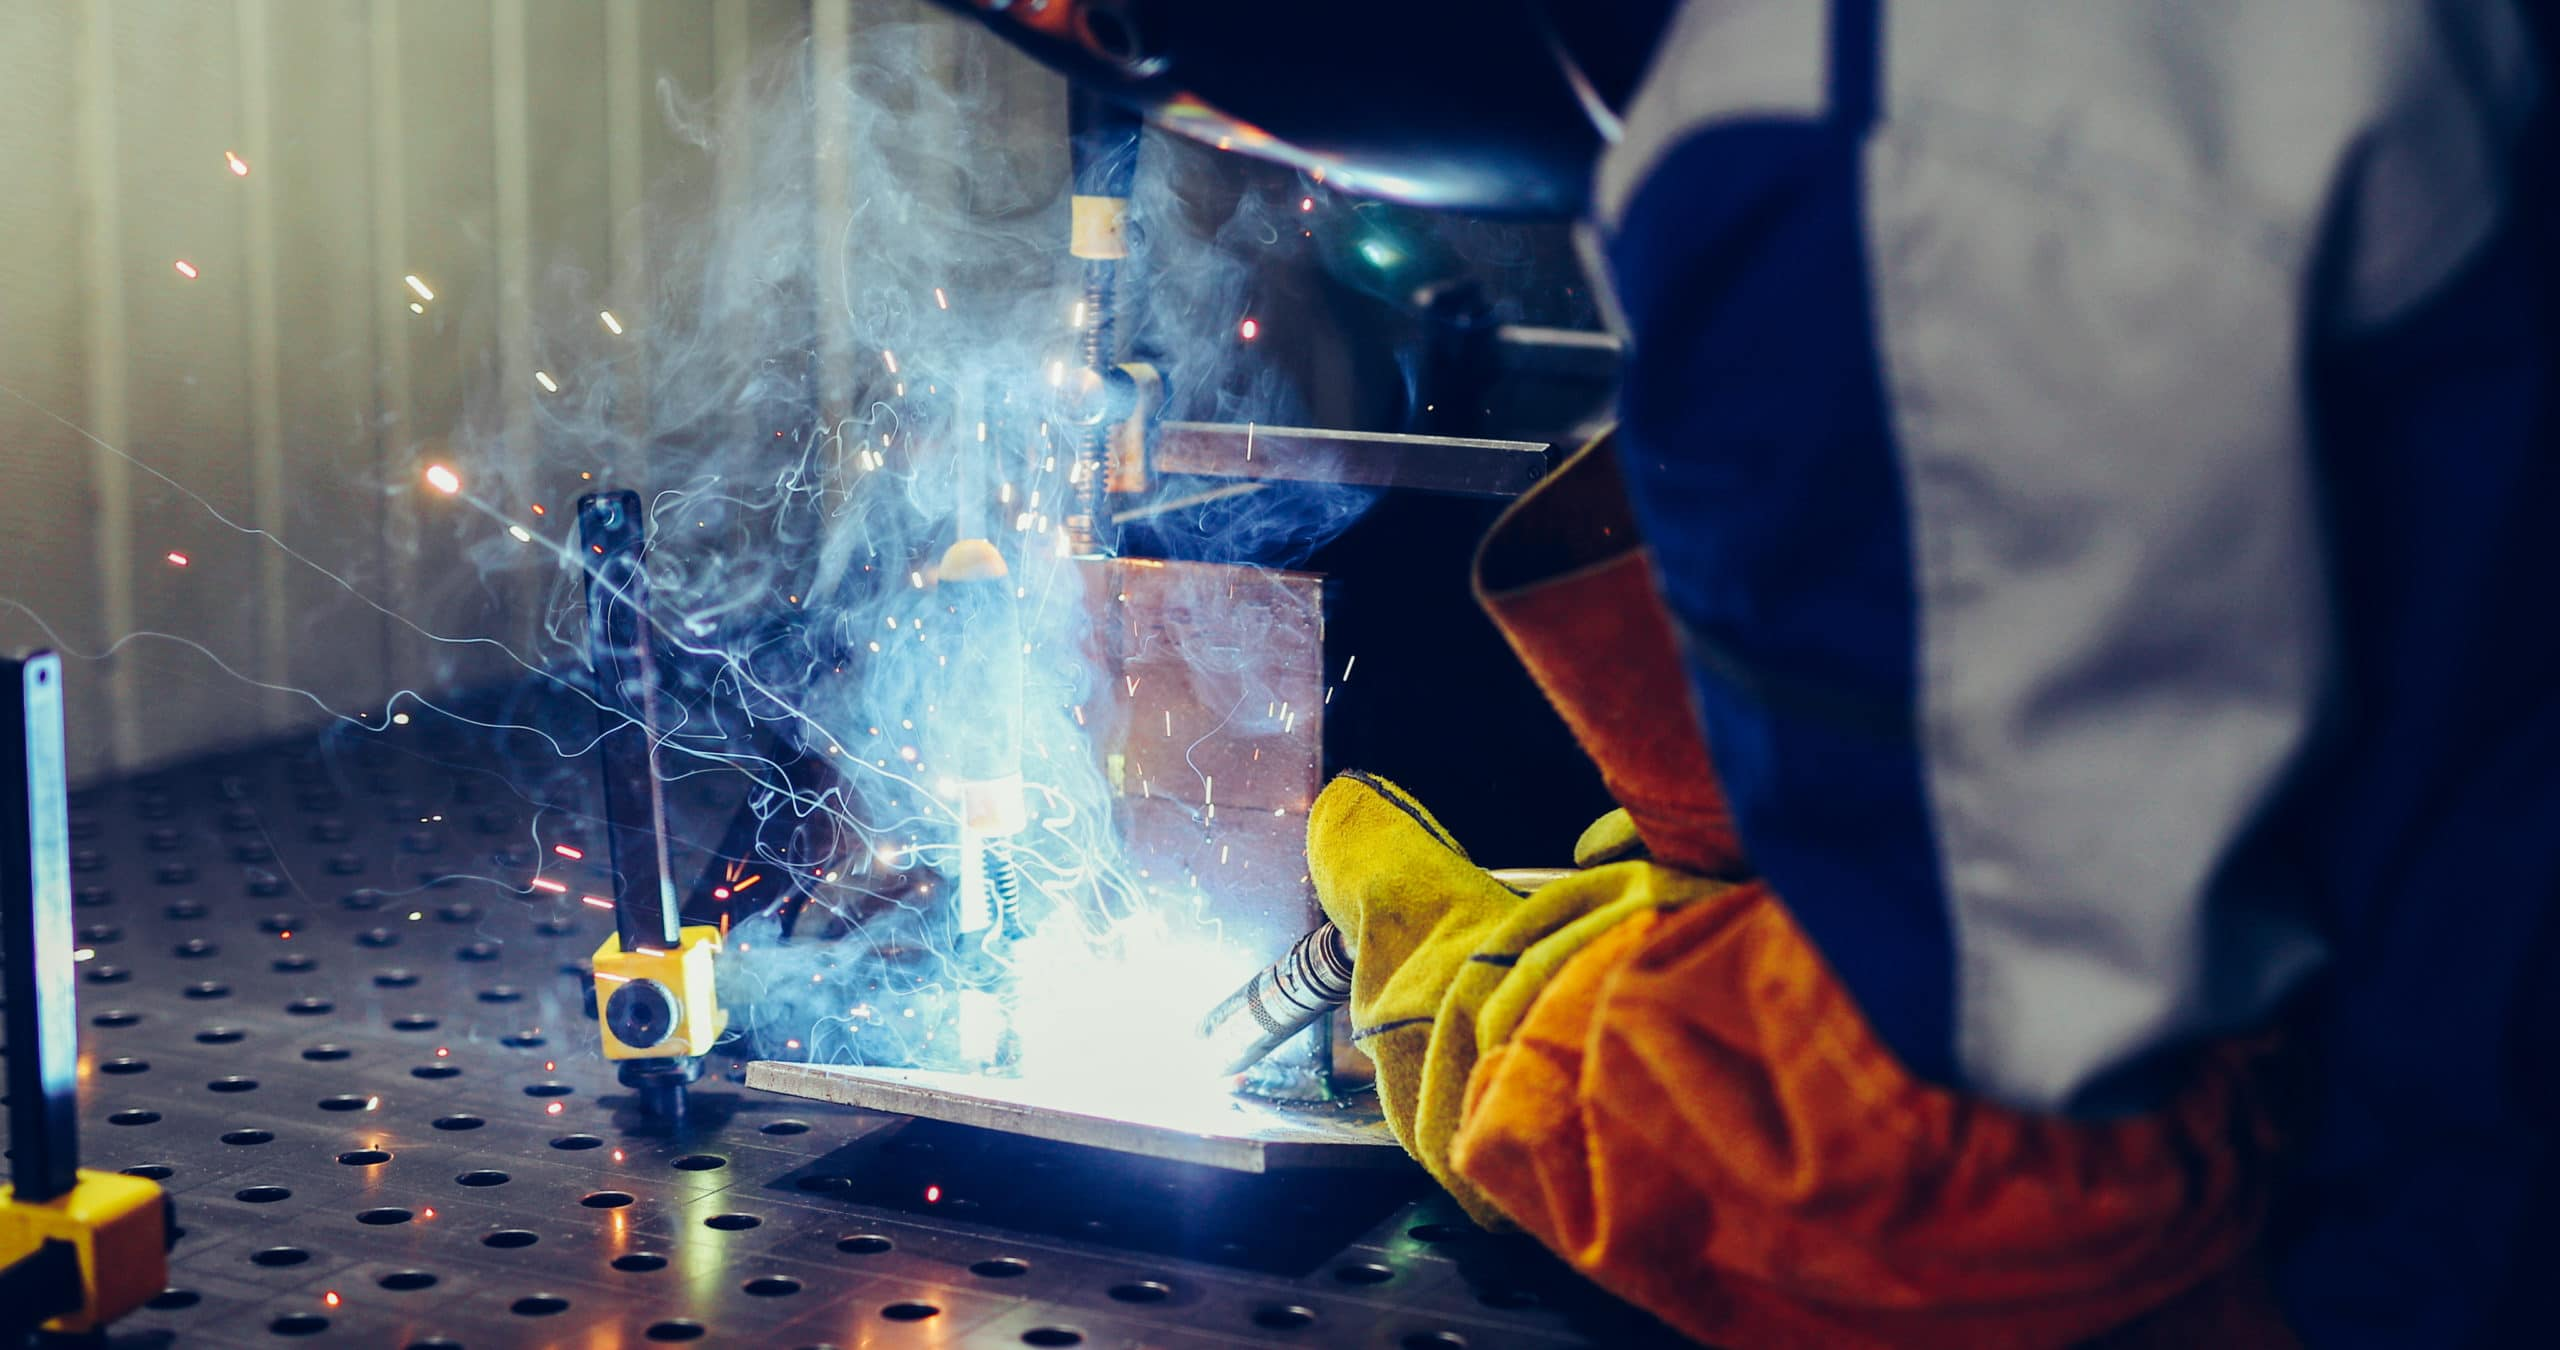 Serwis maszyn przemysłowych